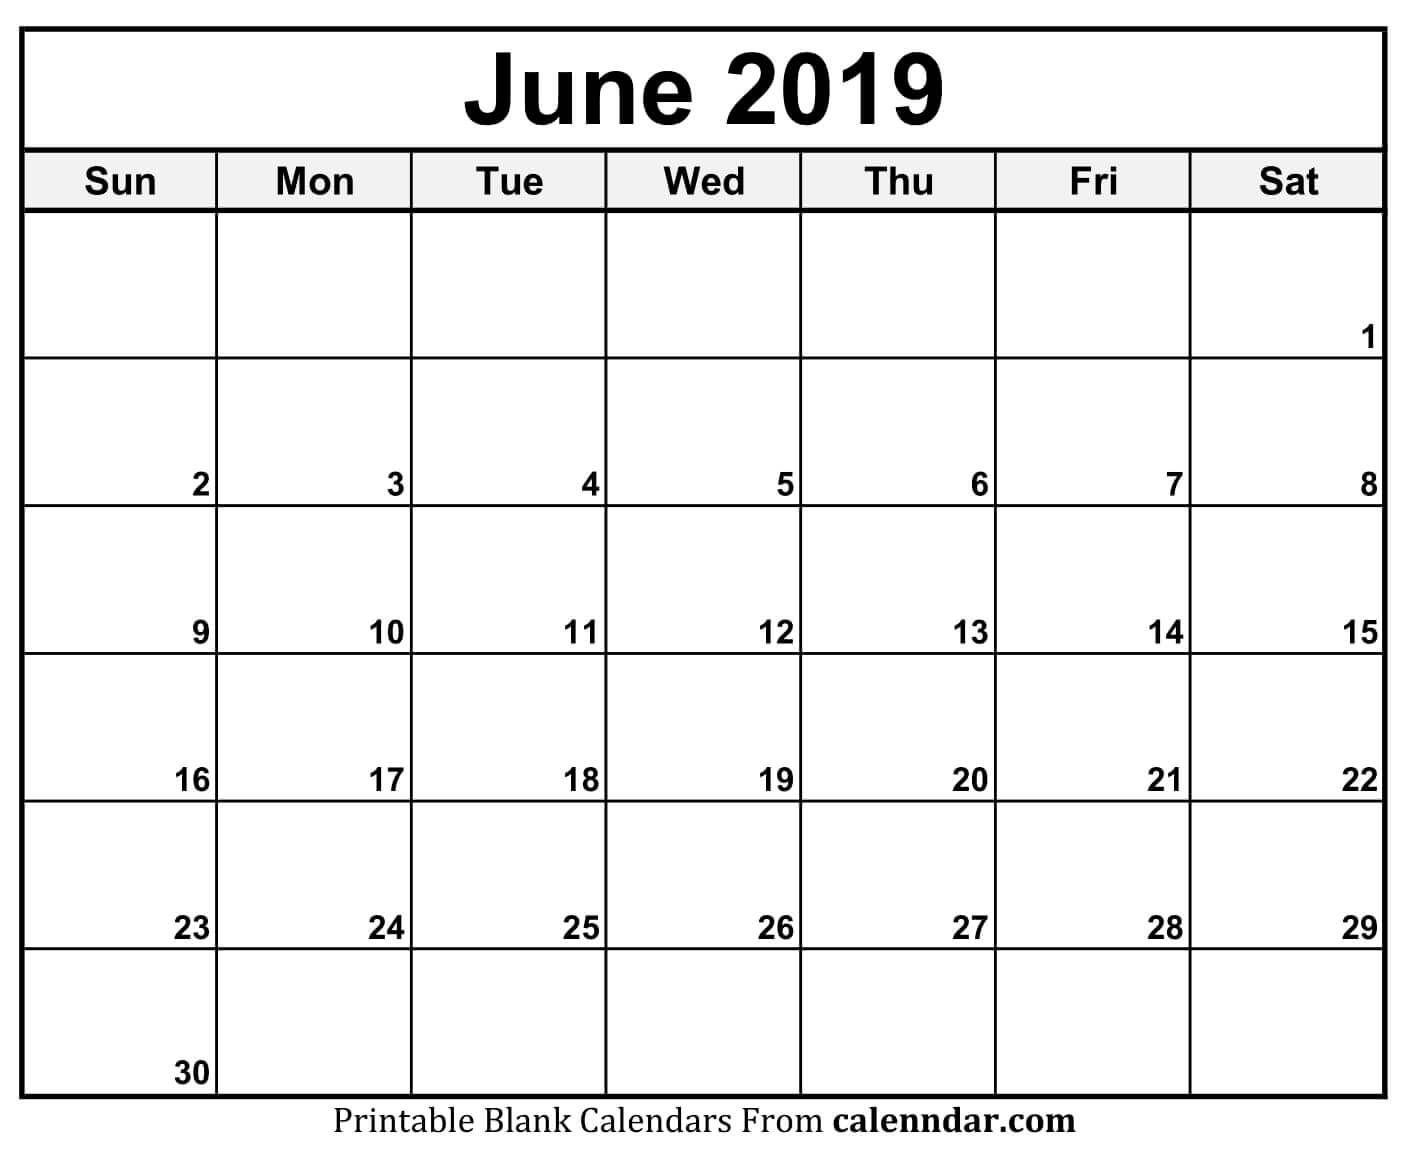 June 2019 Calendar Blank Template  </p>   </div>        <br>     <div class=